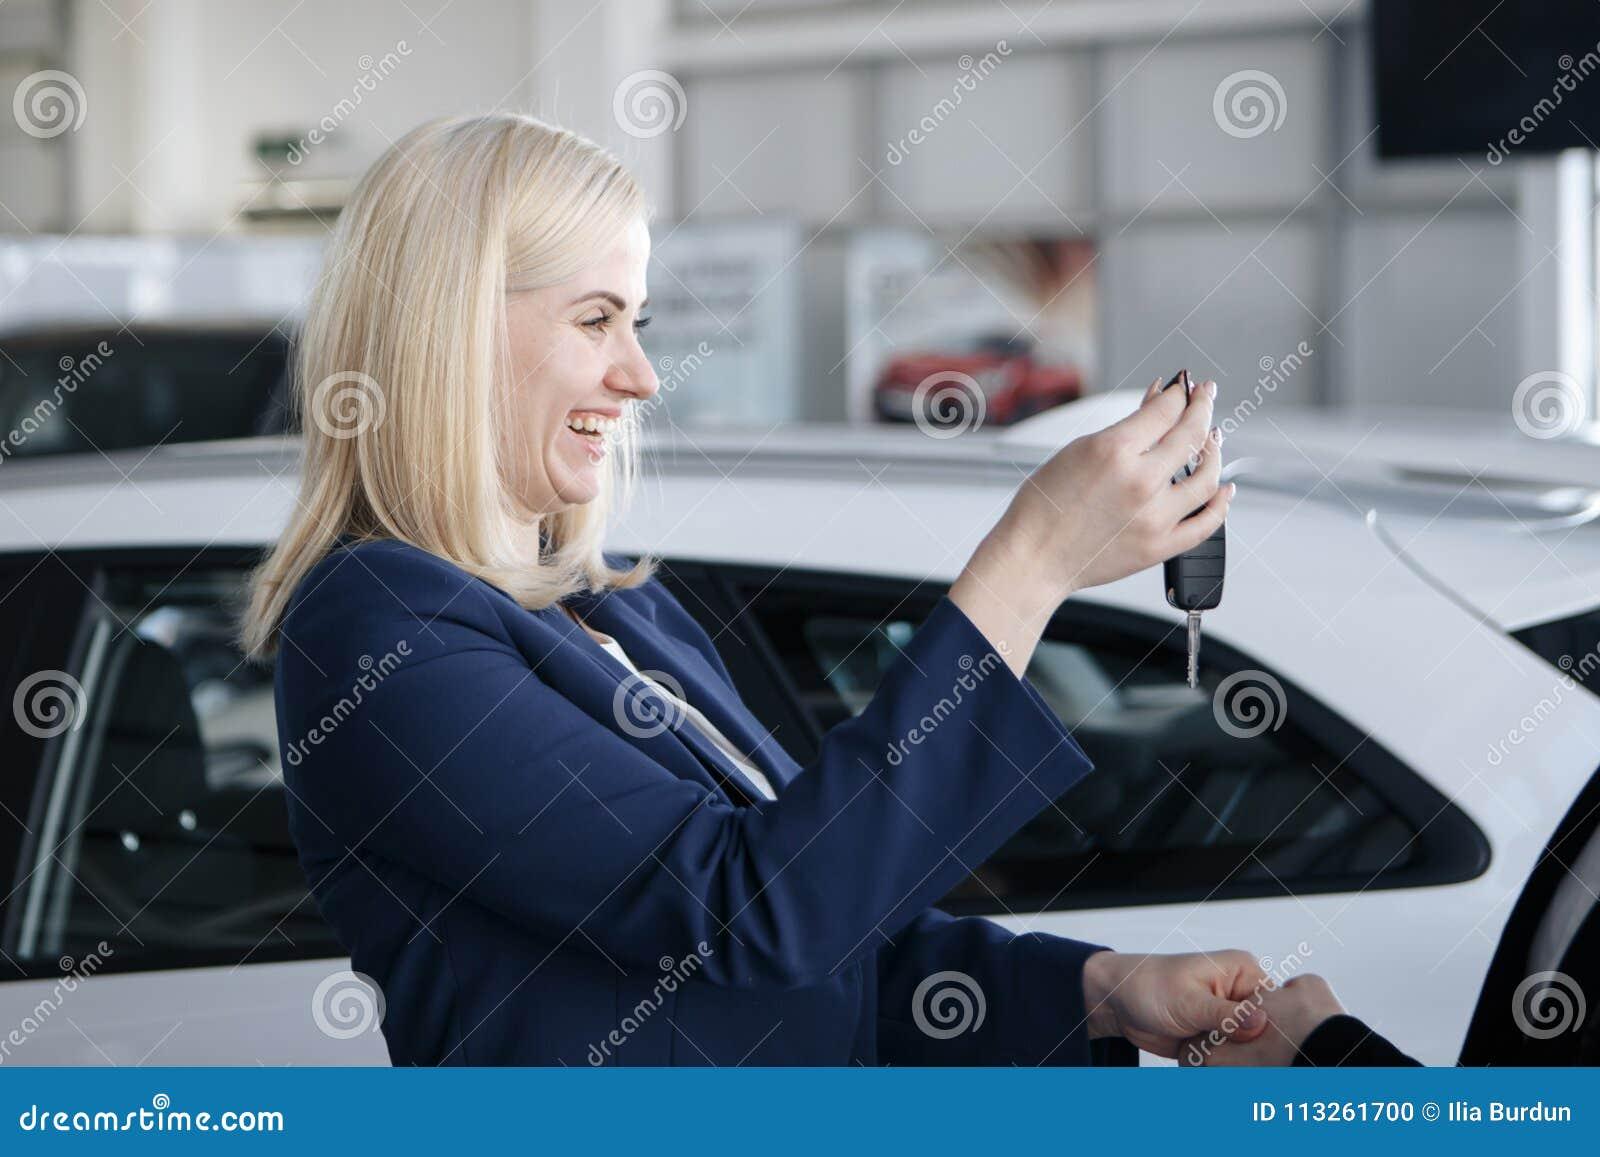 Rozochocona młoda kobieta otrzymywa nowych samochodowych klucze w samochodzie robi zakupy